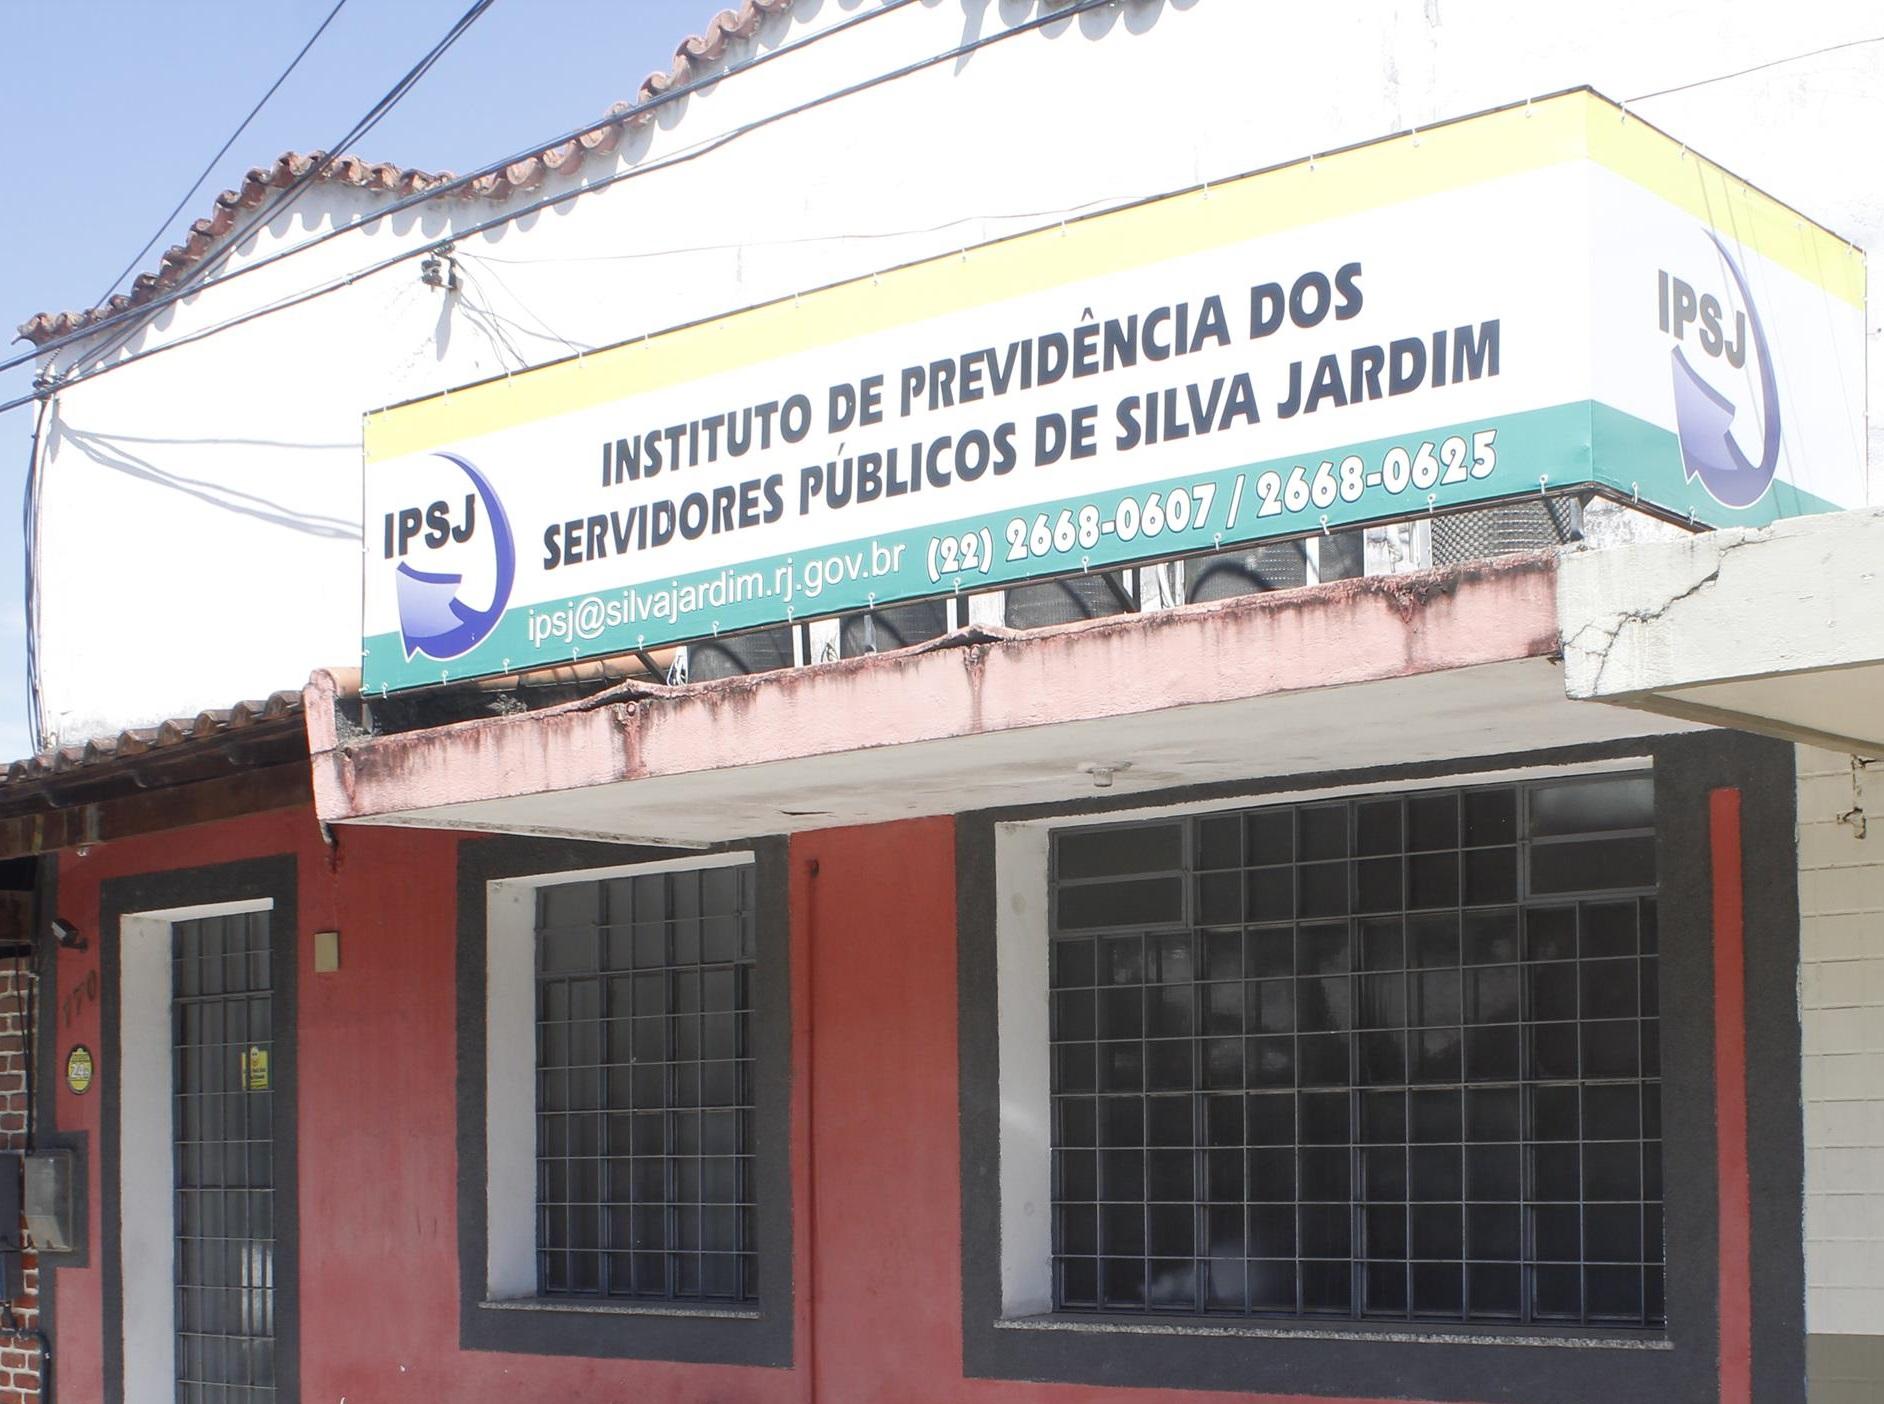 Falta de transparência na previdência de Silva Jardim causa preocupação: último balanço disponível é o de setembro de 2015